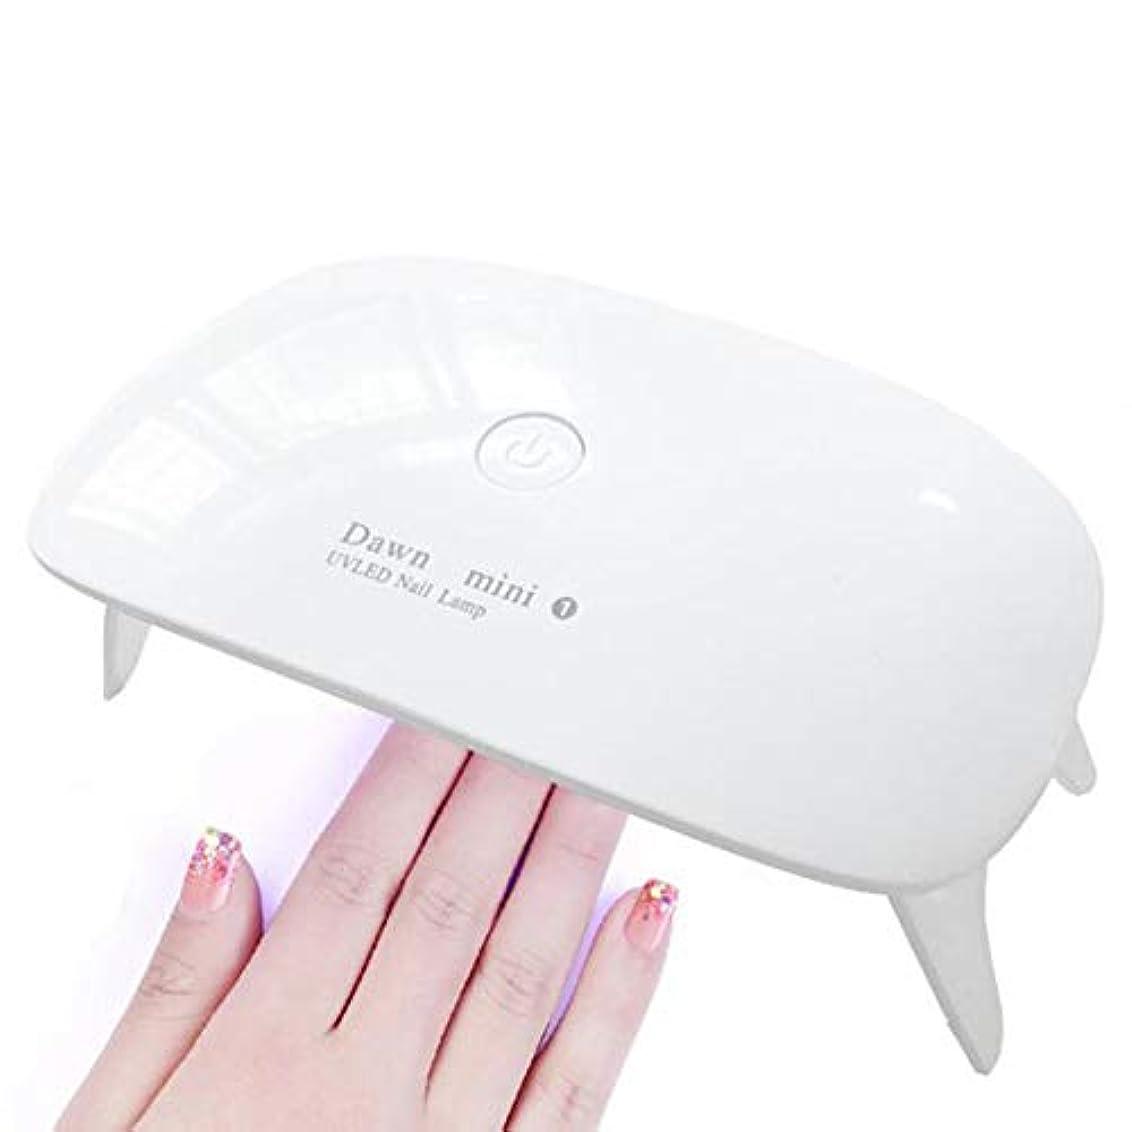 セグメント栄養NITIUMI LEDネイルドライヤー UVライト タイマー設定可能 折りたたみ式 硬化ライト UVとLEDダブルライト 手足とも使える ジェルネイルとレジンクラフト用 (ホワイト)